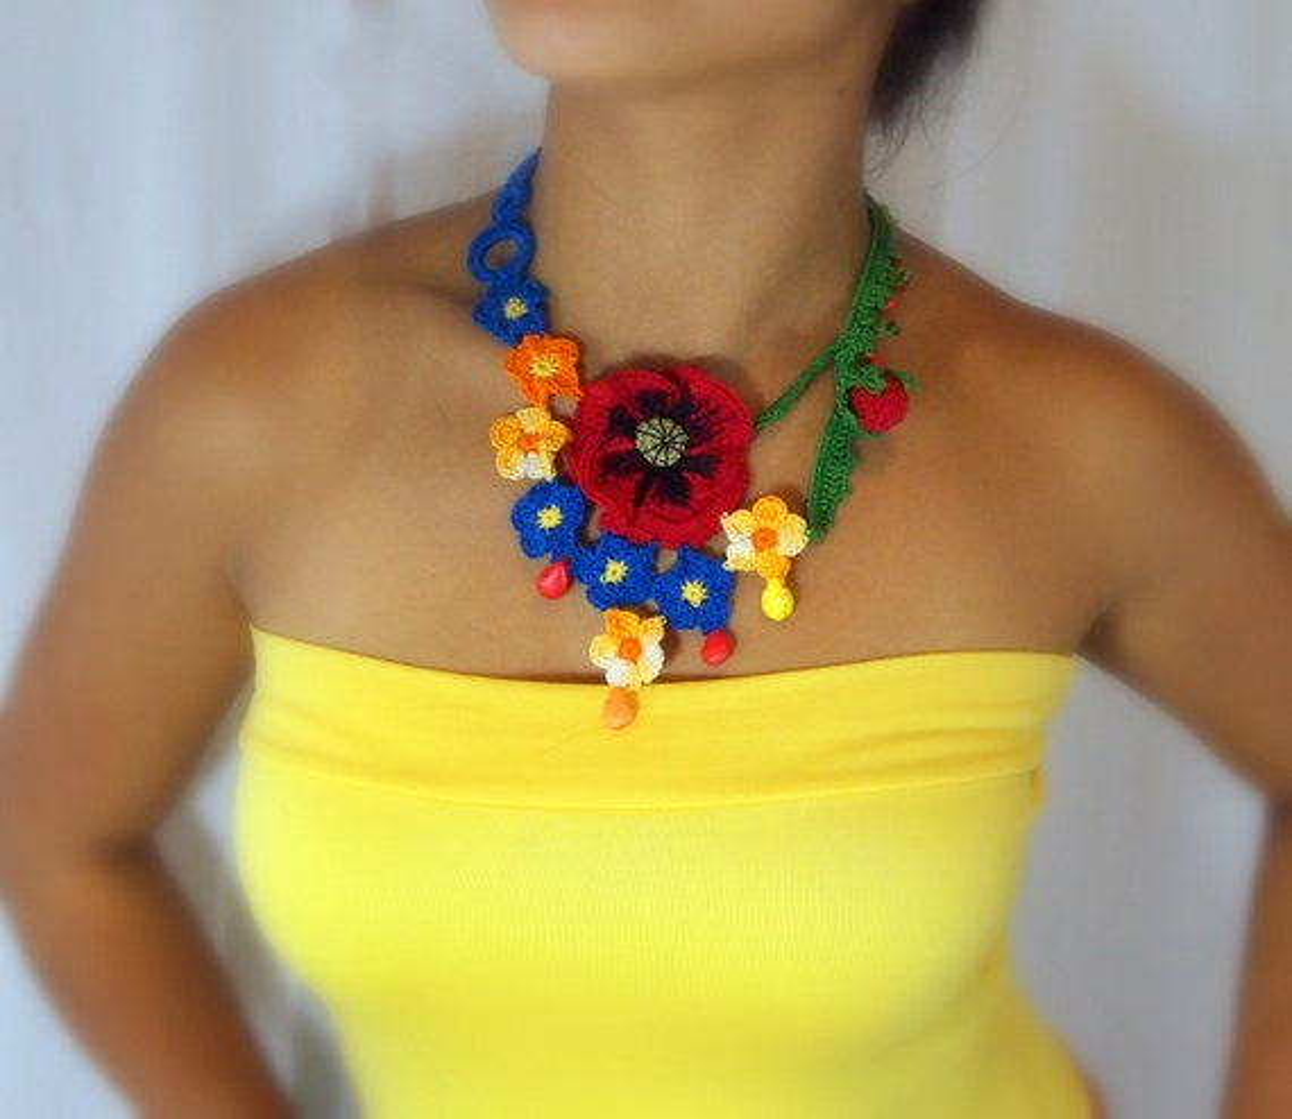 Crocheted statement necklace, Brighten up my days